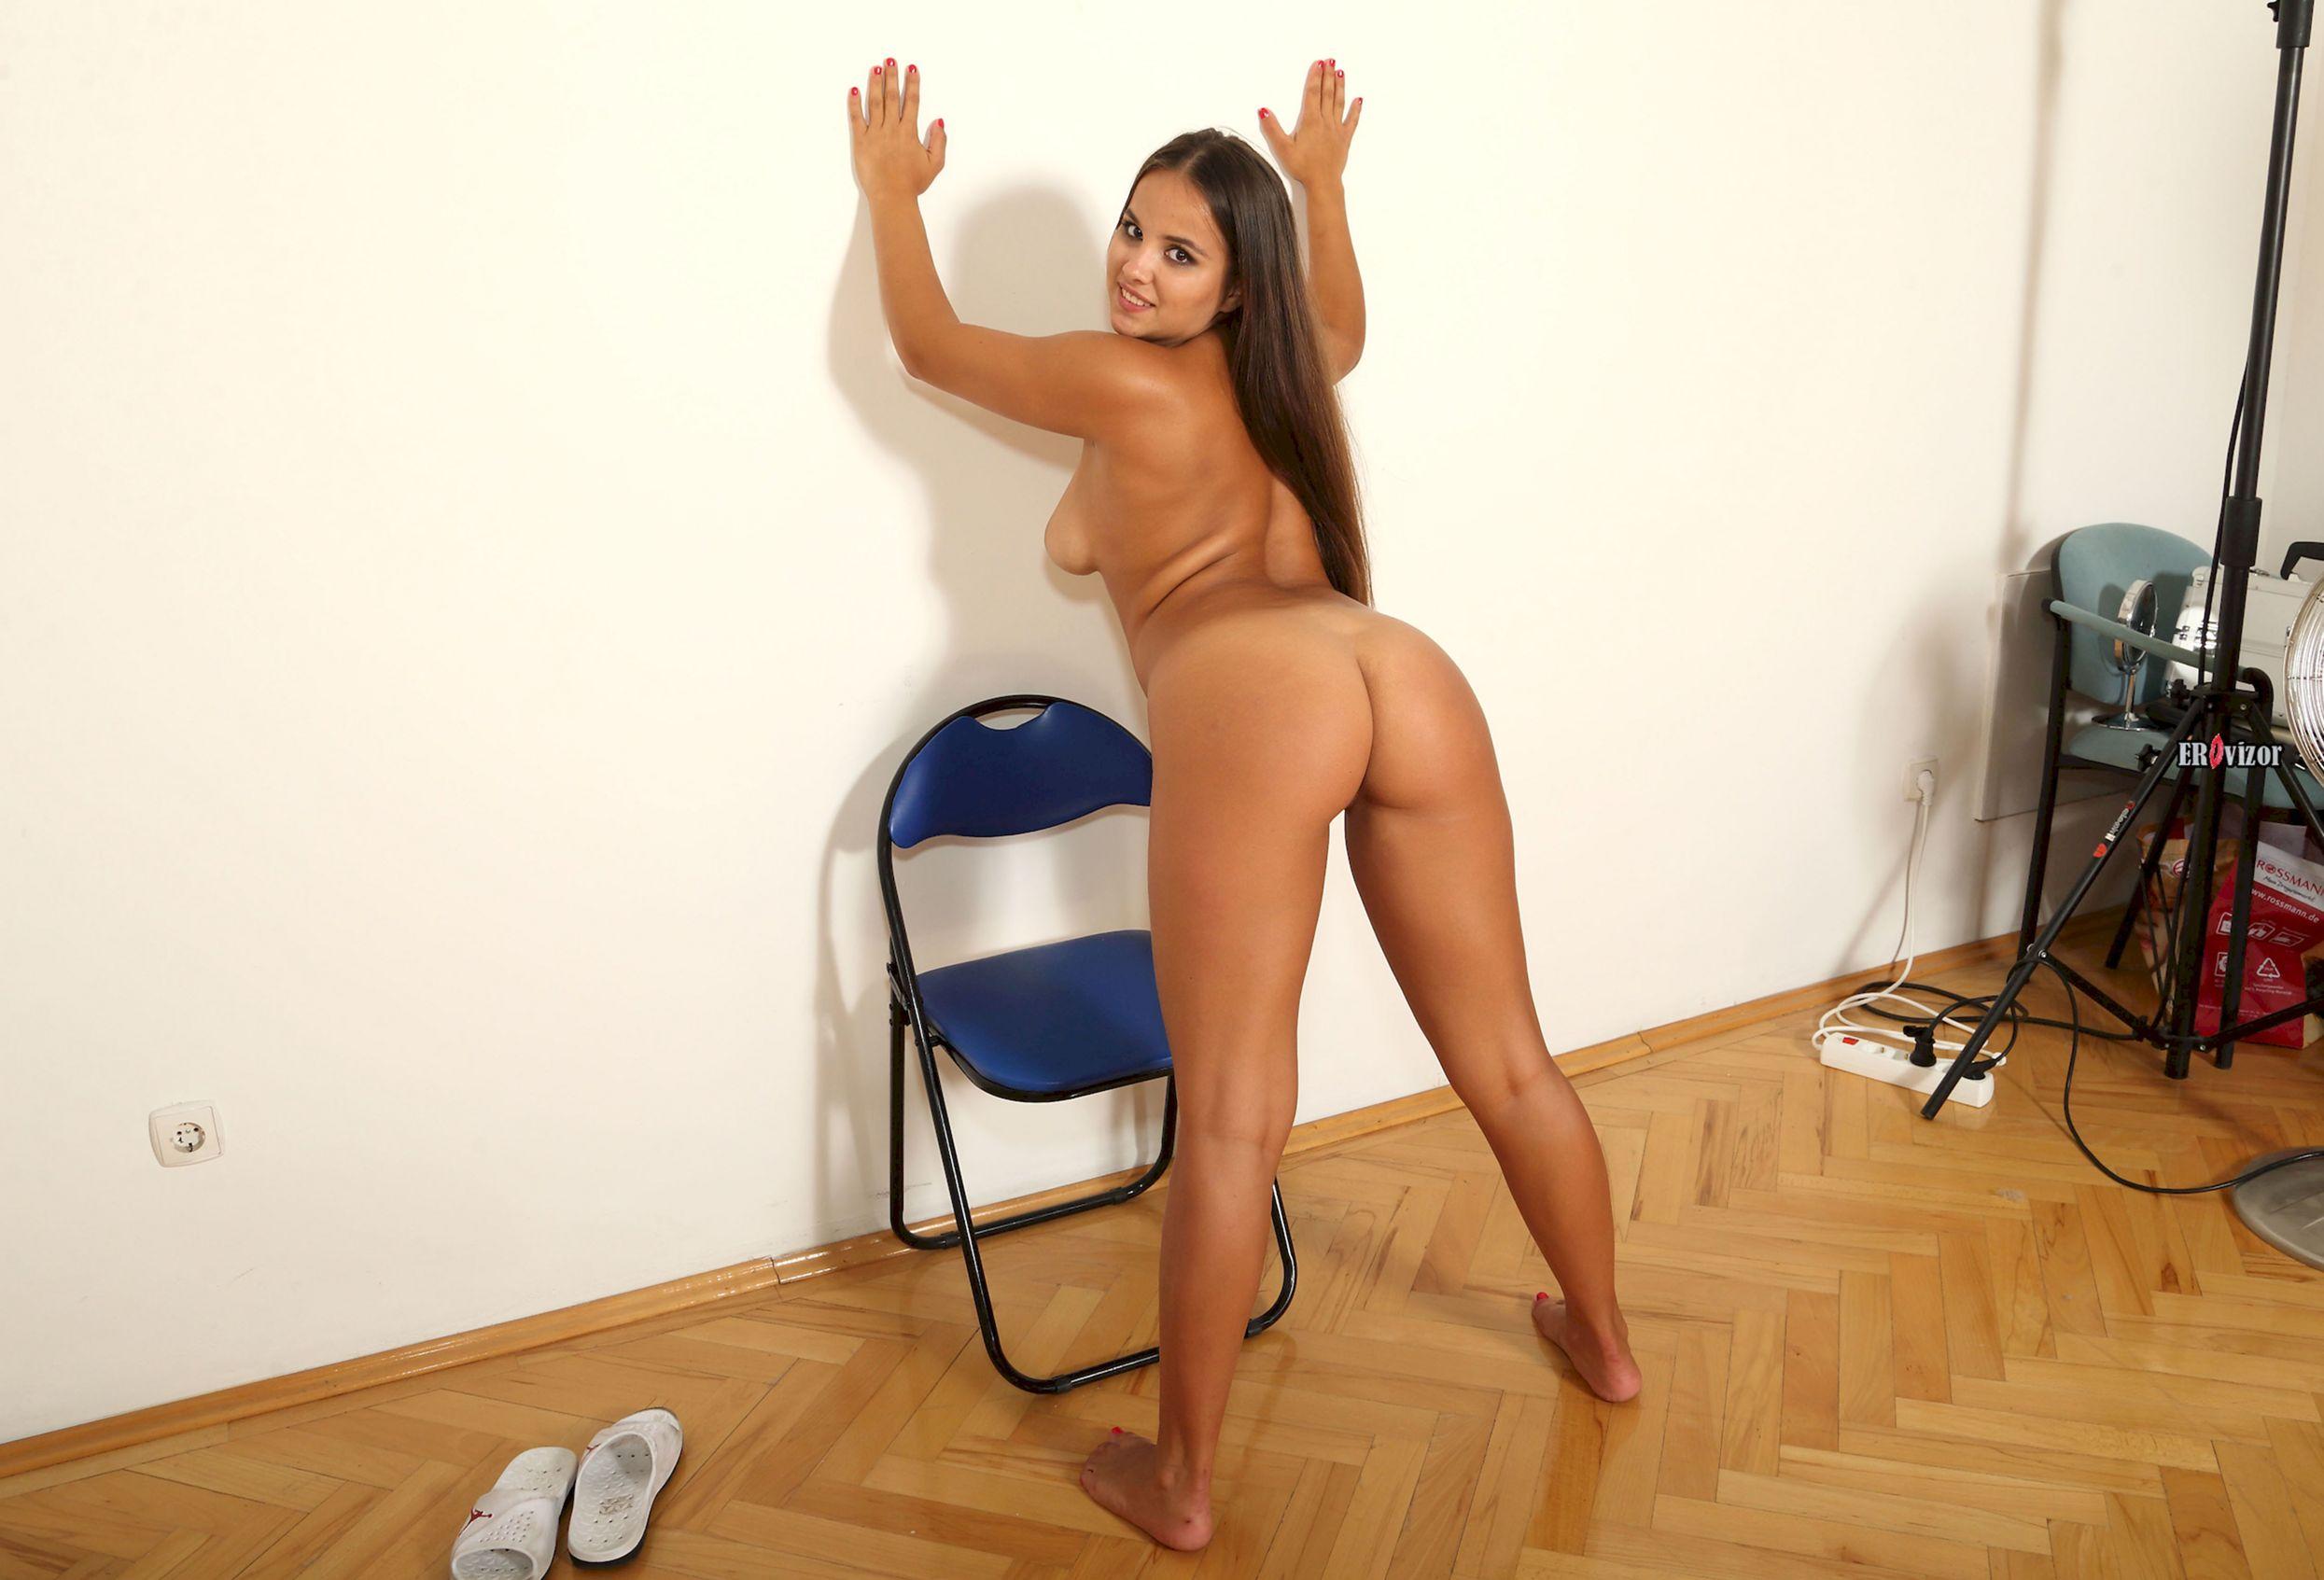 голая девушка с большой сочной попой на кастинге